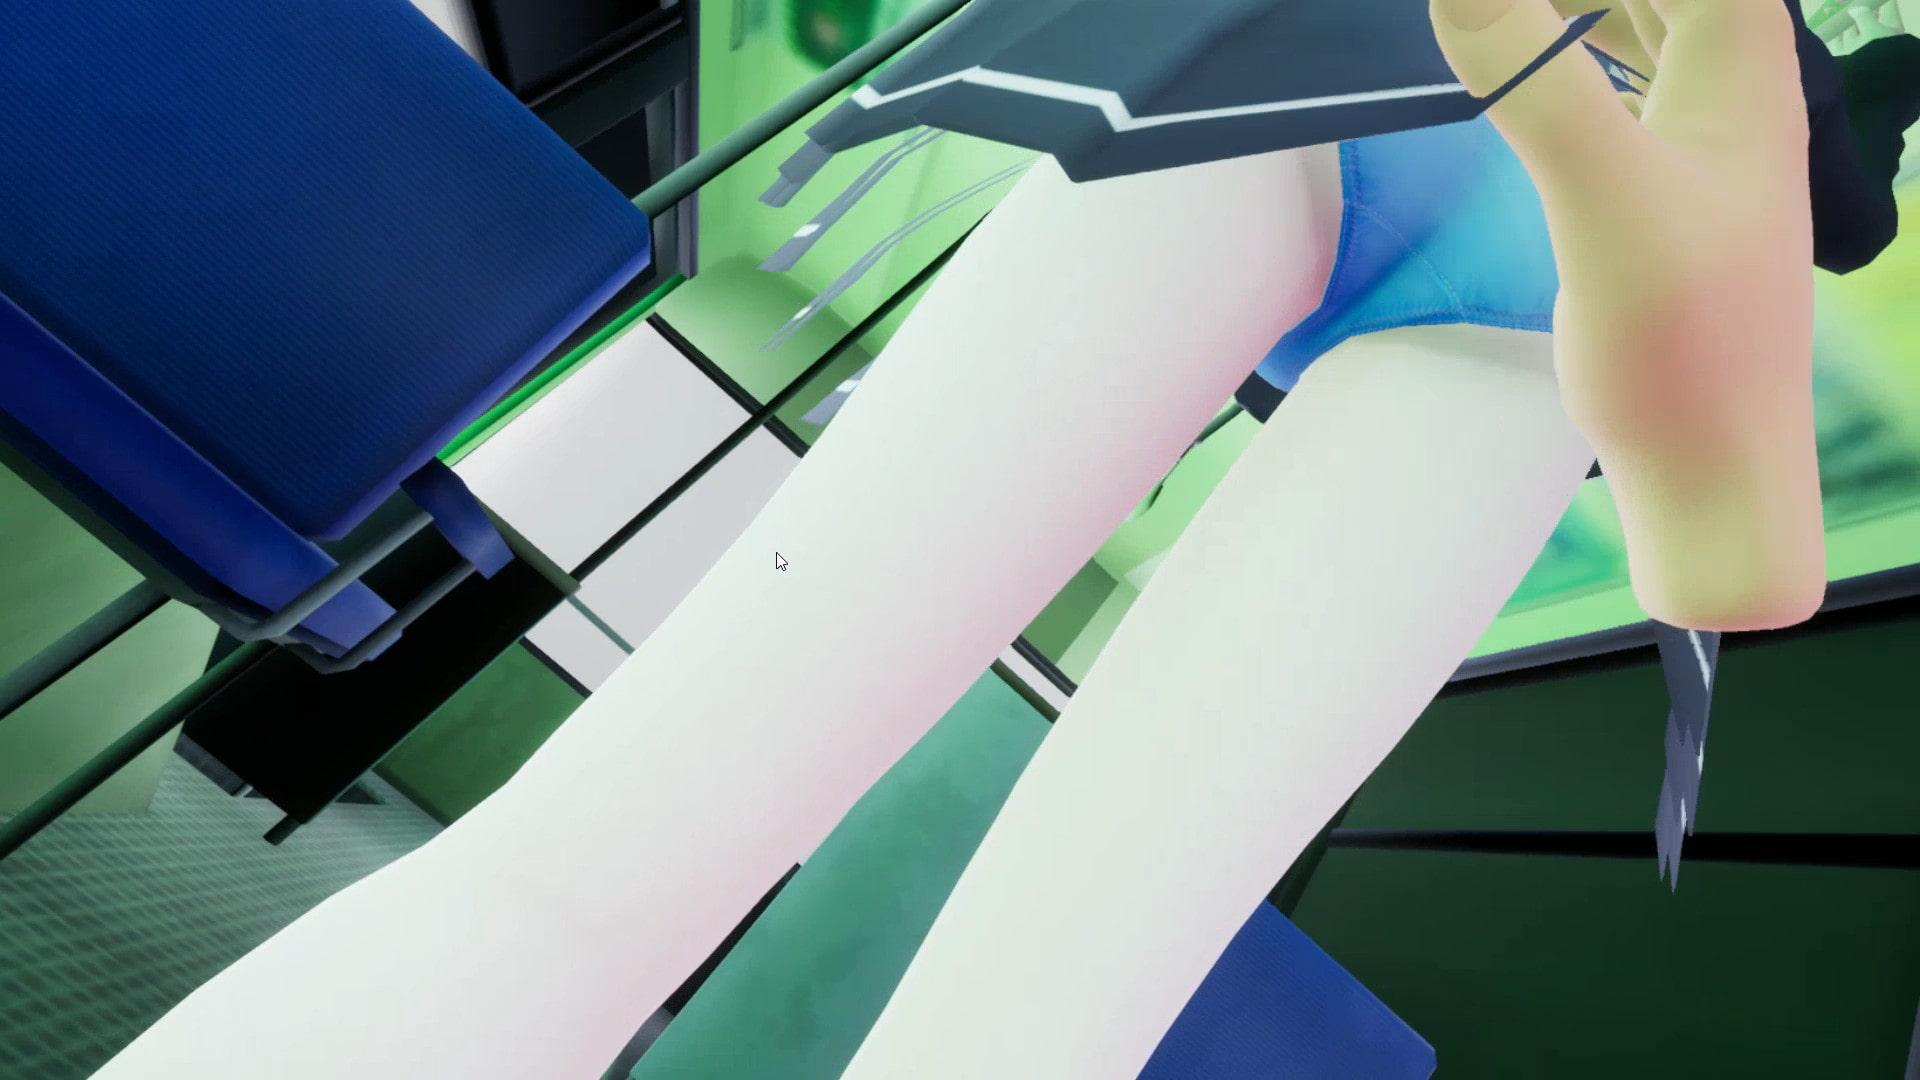 痴漢シミュレーションゲーム 【痴漢師物語】VR対応 [ゴマちゃんVR]